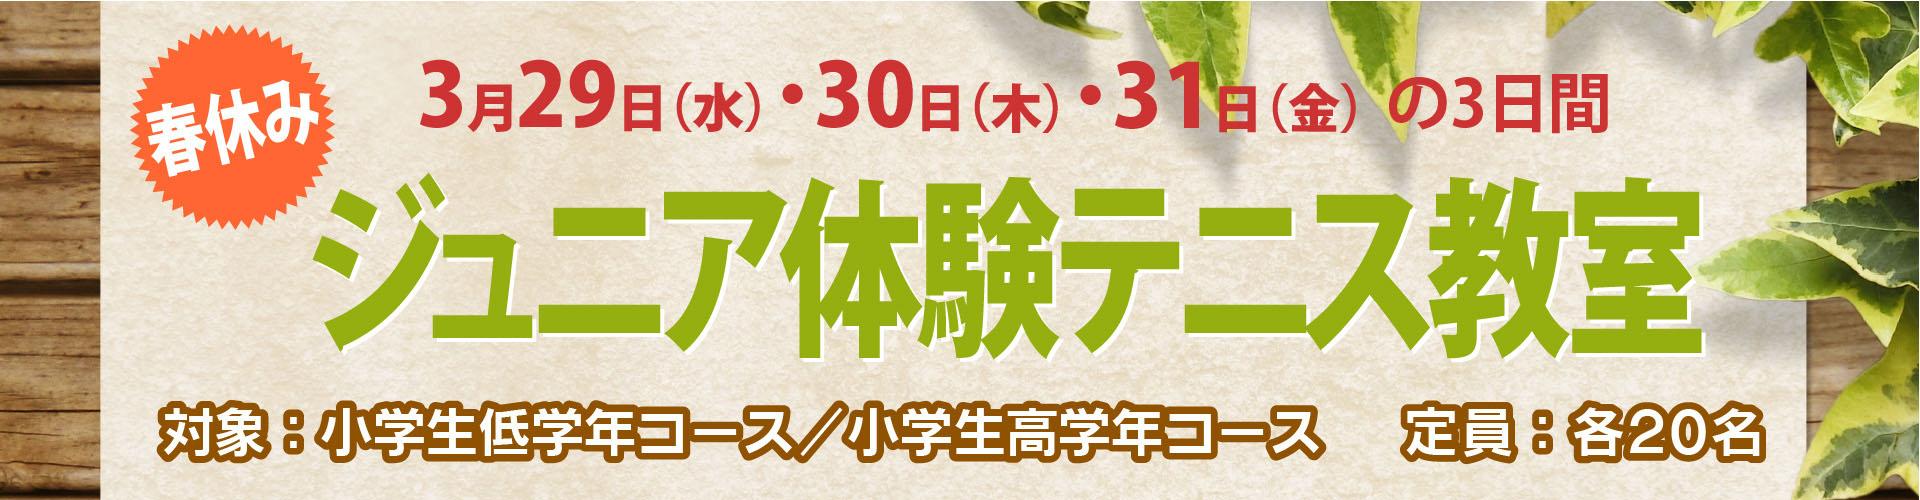 「春休みジュ-ニア体験テニス教室」開催のお知らせ